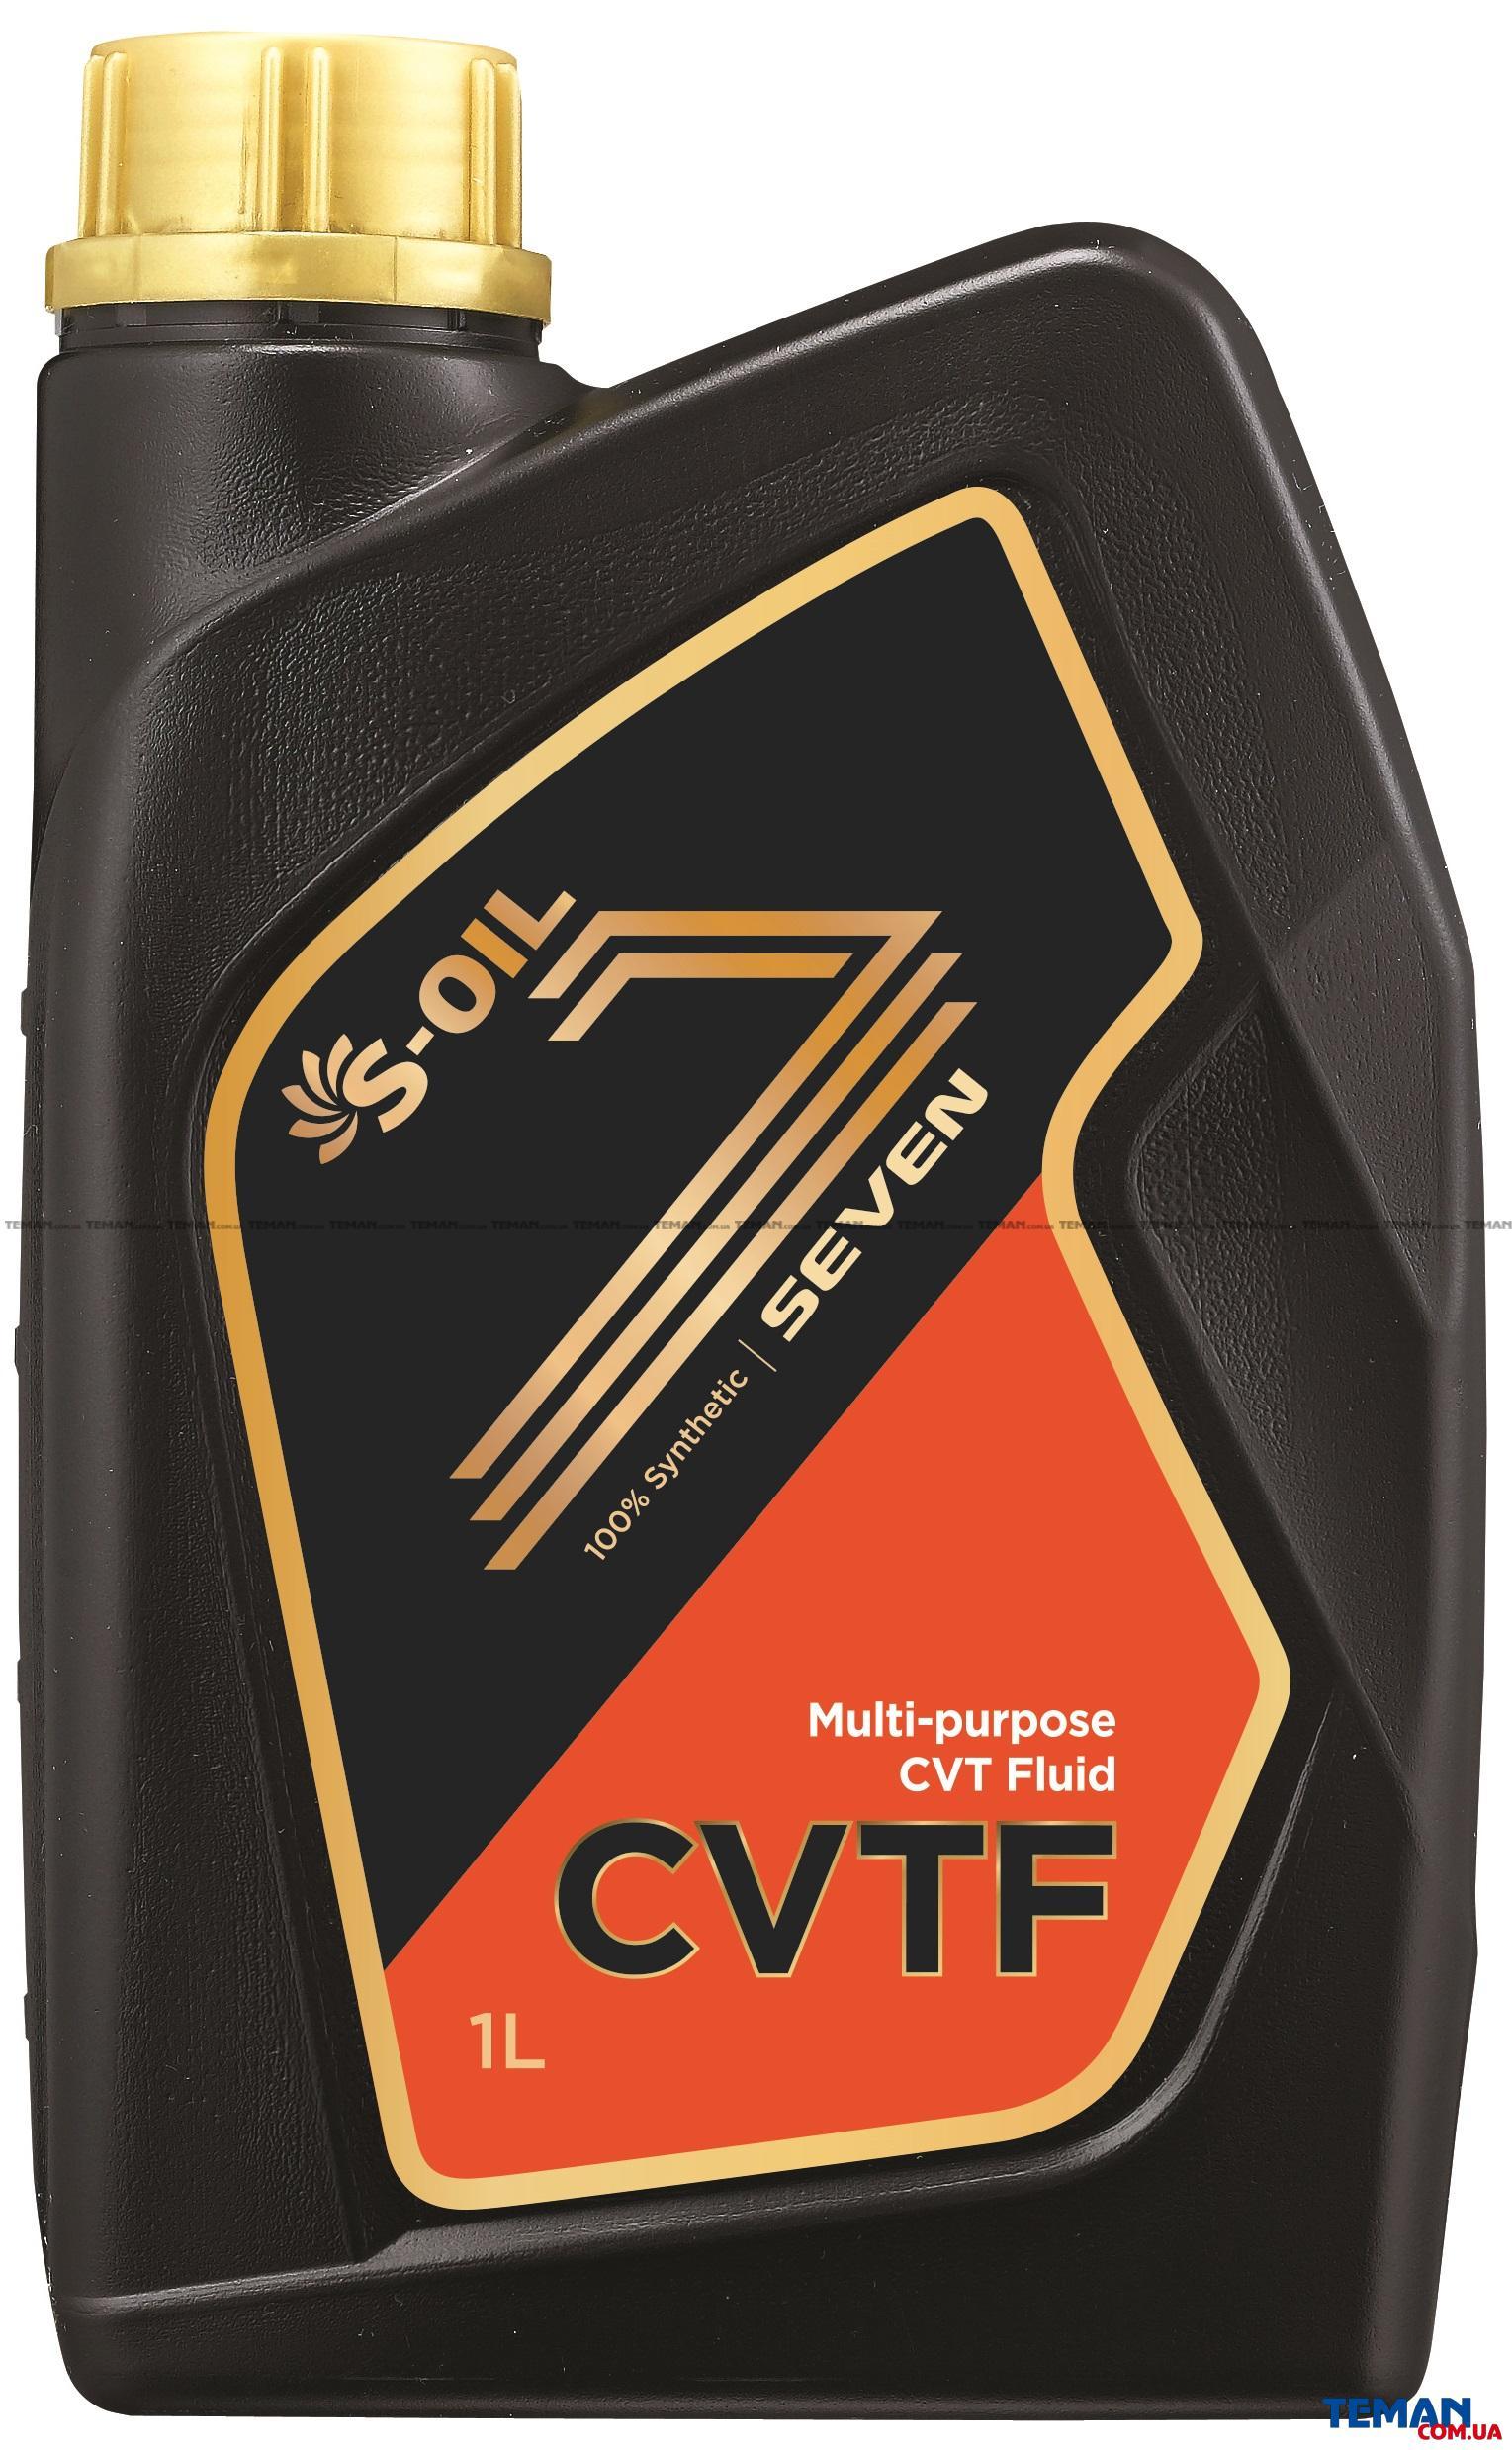 Синтетическое трансмиссионное масло SEVEN CVTF, 1 л